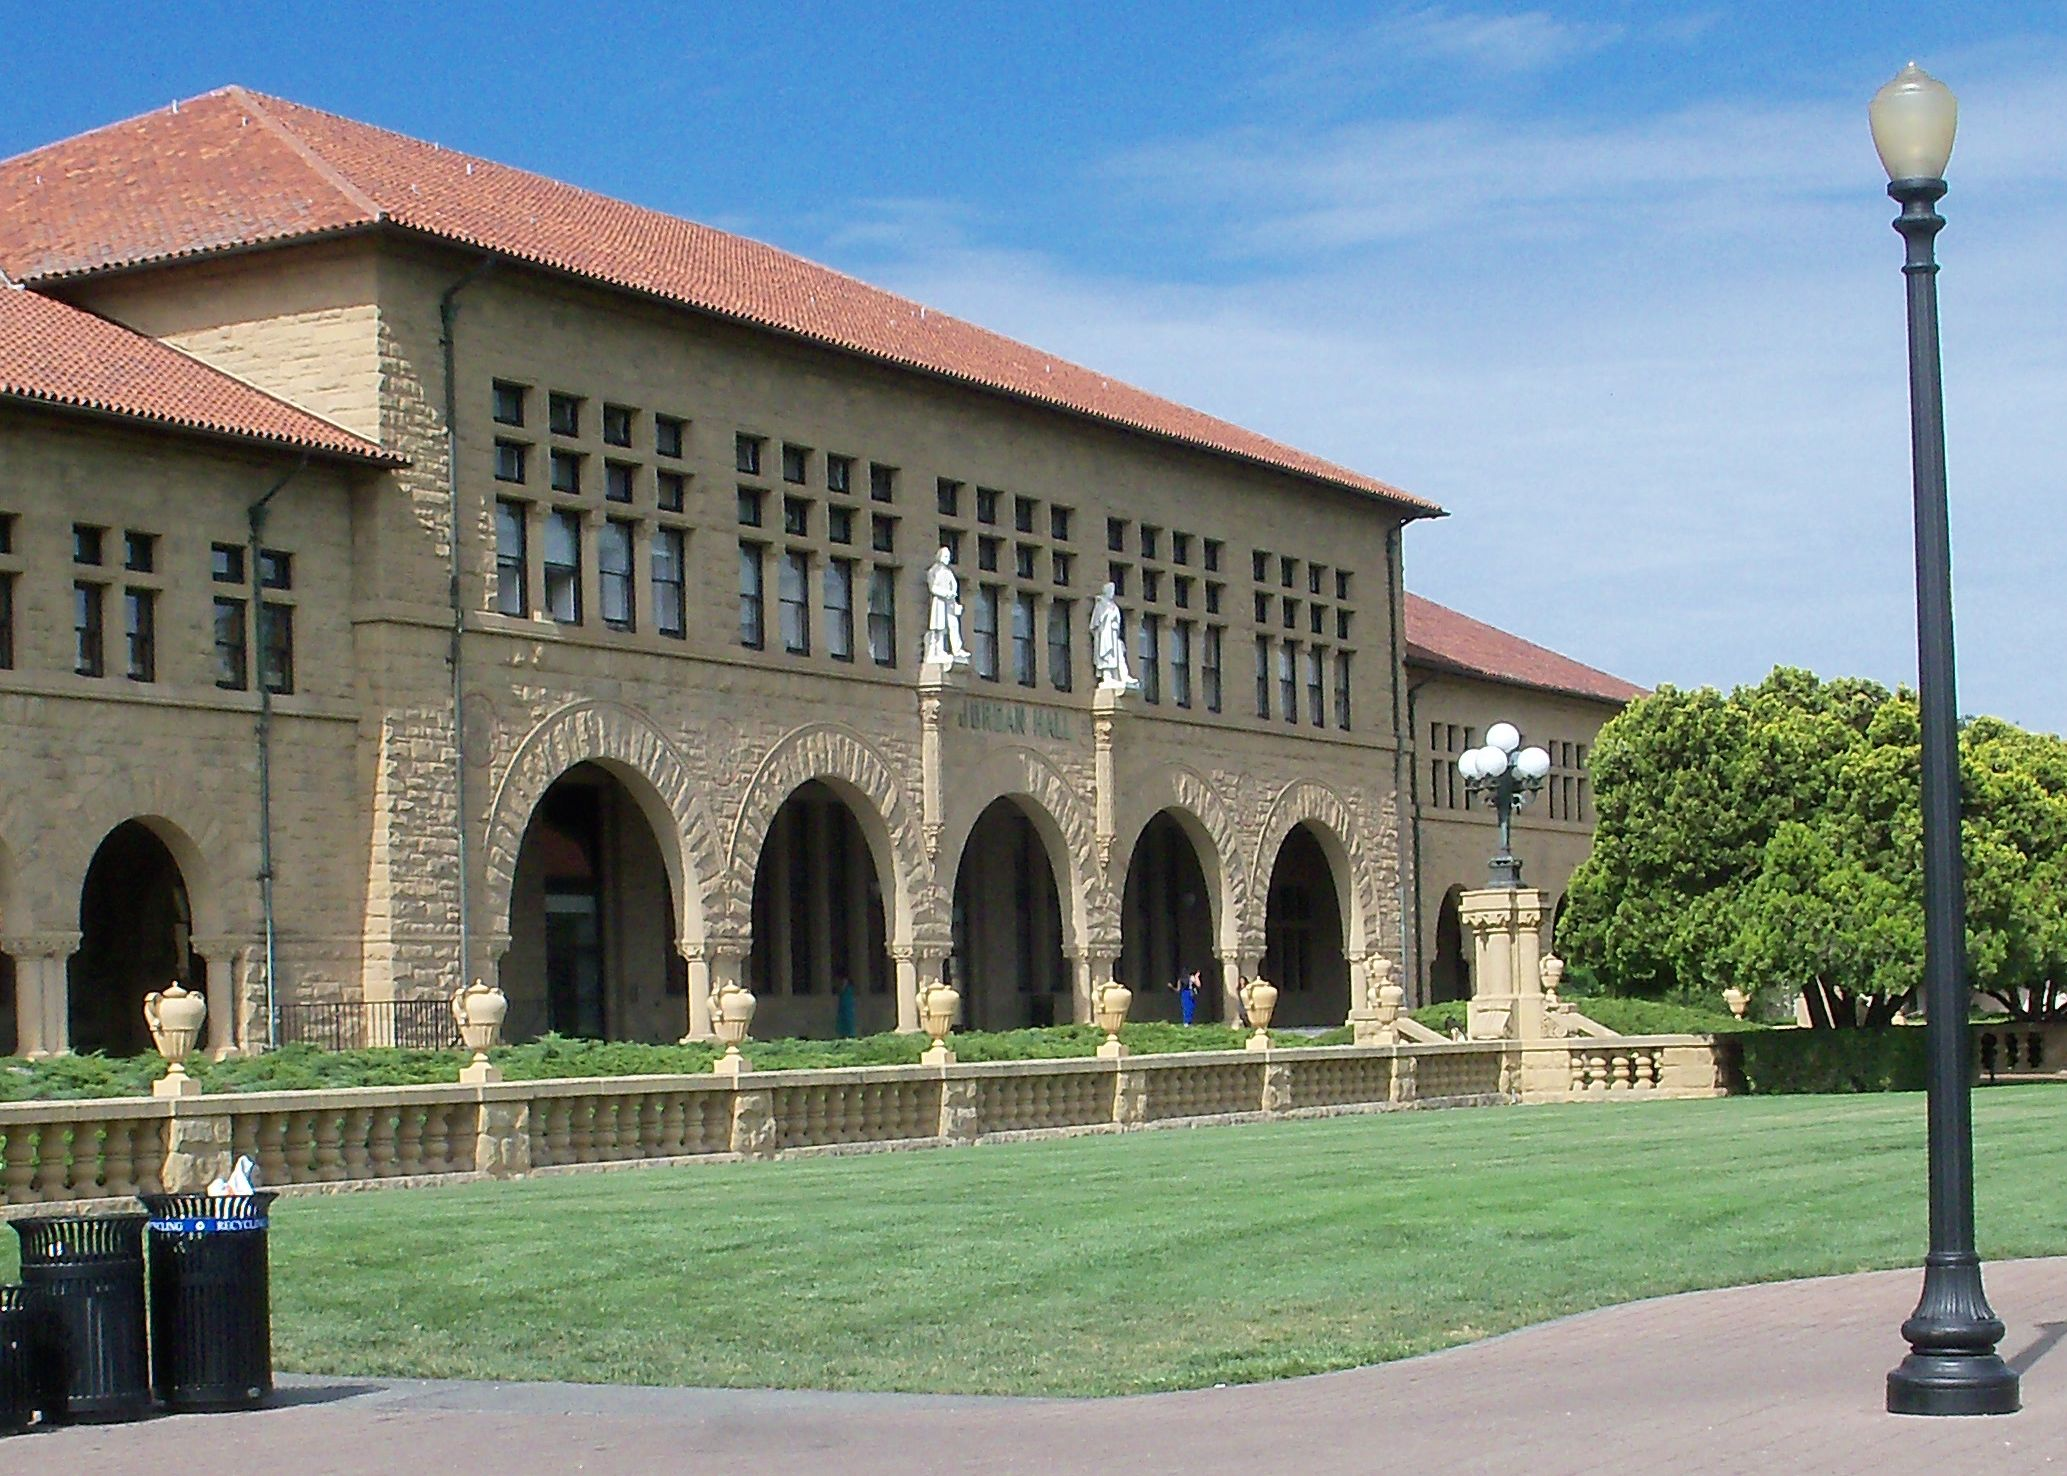 Departamento-de-Psicologia-de-Stanford.jpg